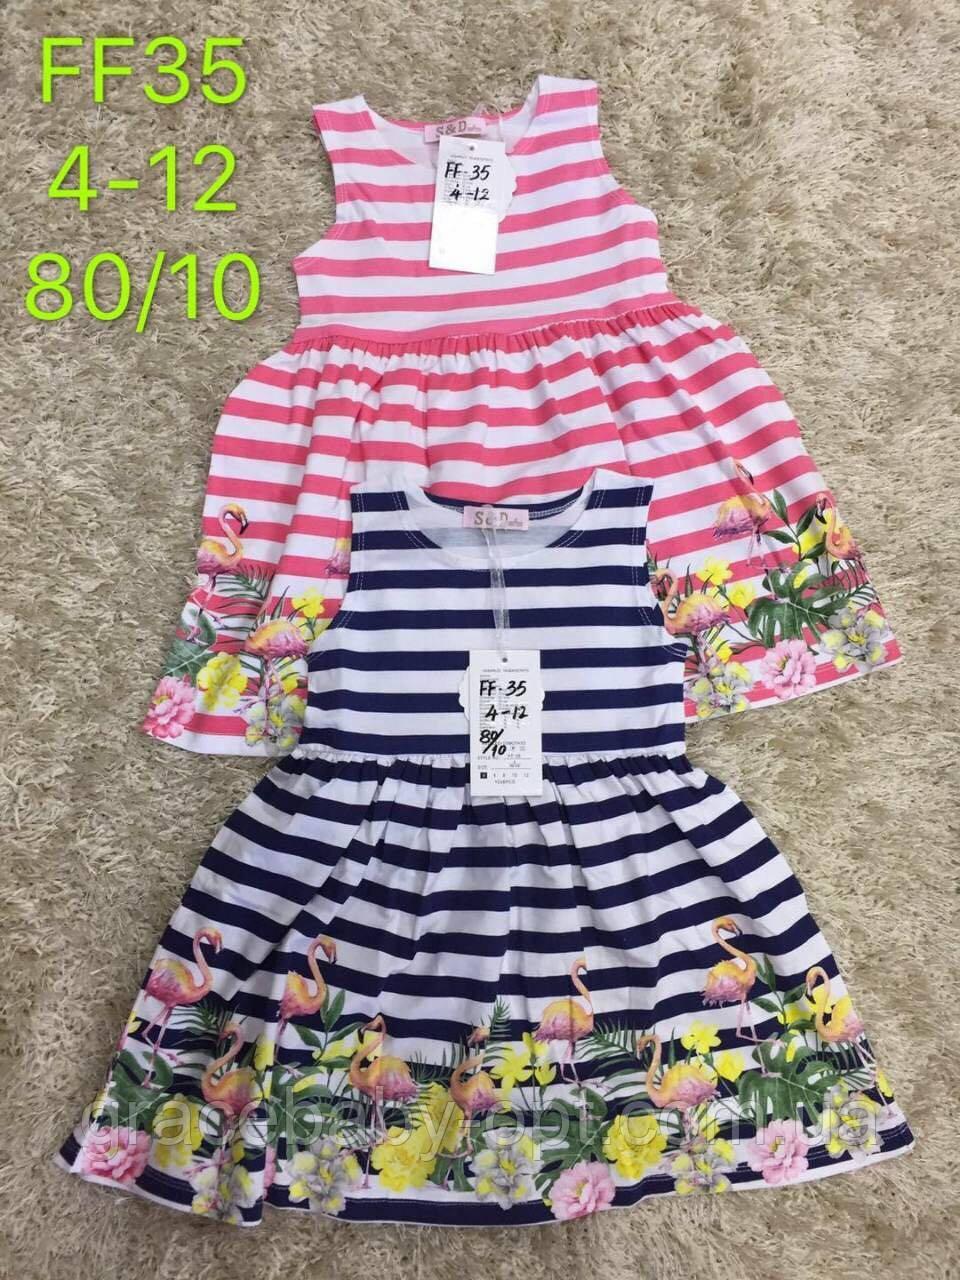 af5b88cdeecd Платье для девочек оптом, S&D, 4-12 лет, № FF35: продажа, цена в ...